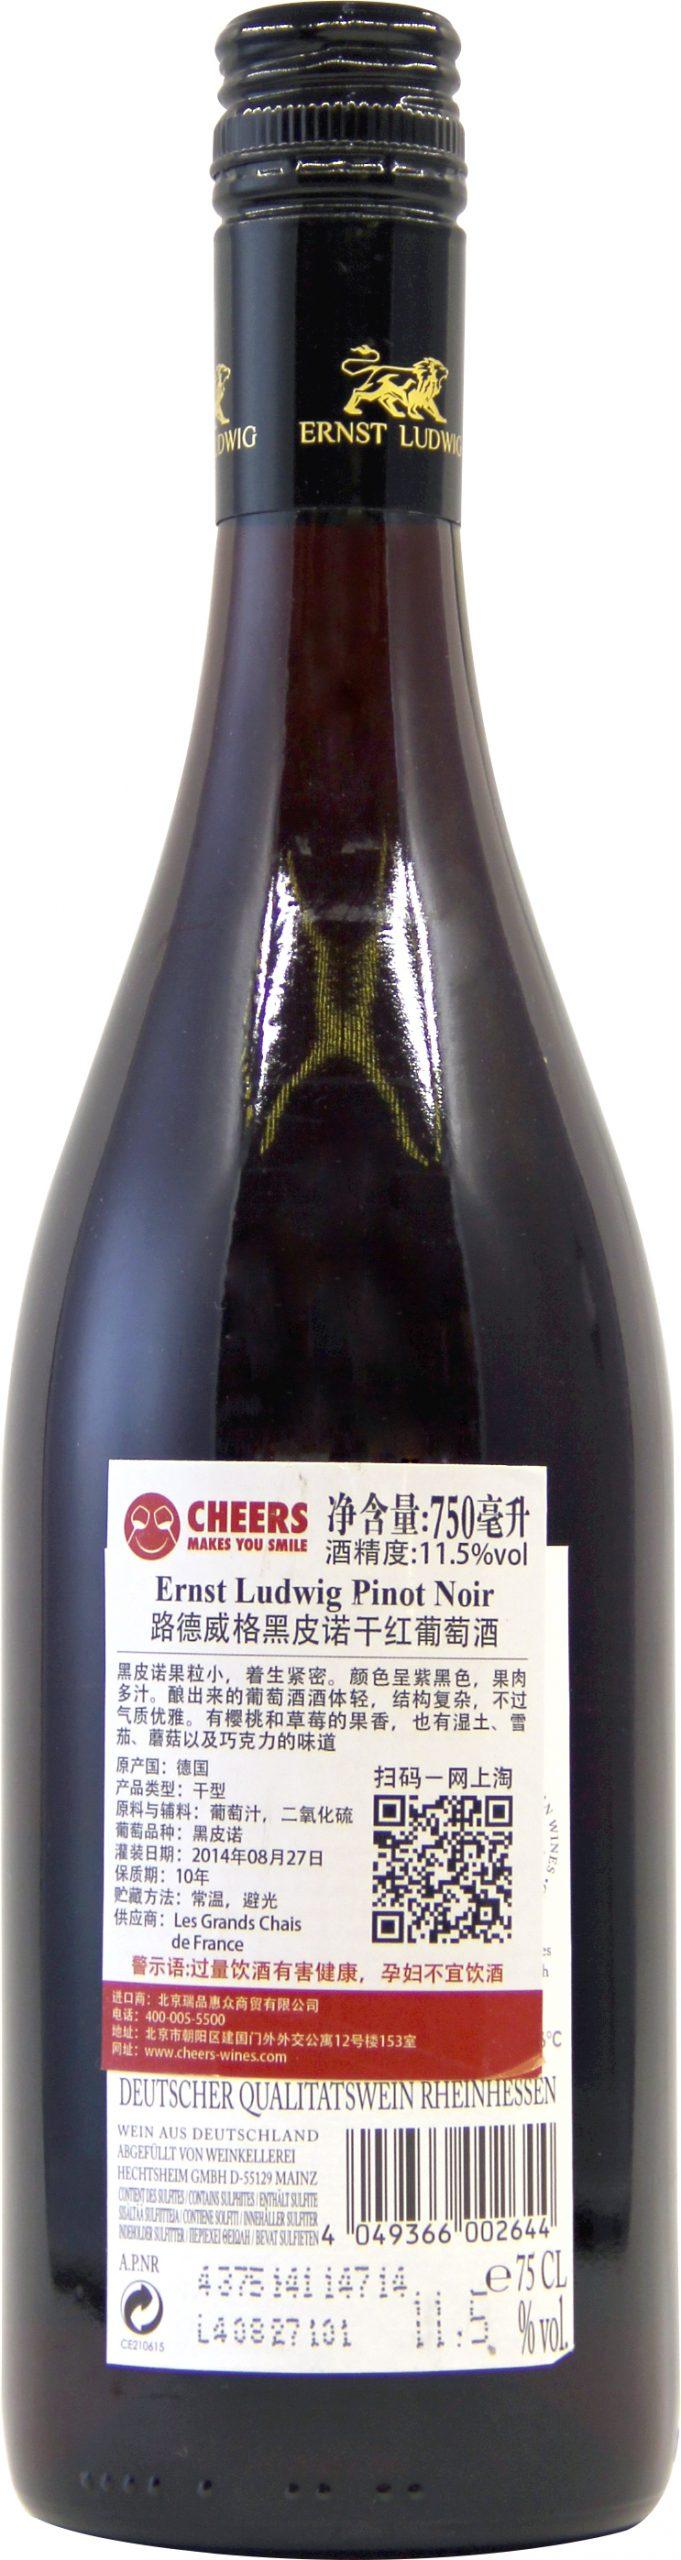 路德威格黑皮诺干红葡萄酒02-齐饮(CHEERS)进口葡萄酒店